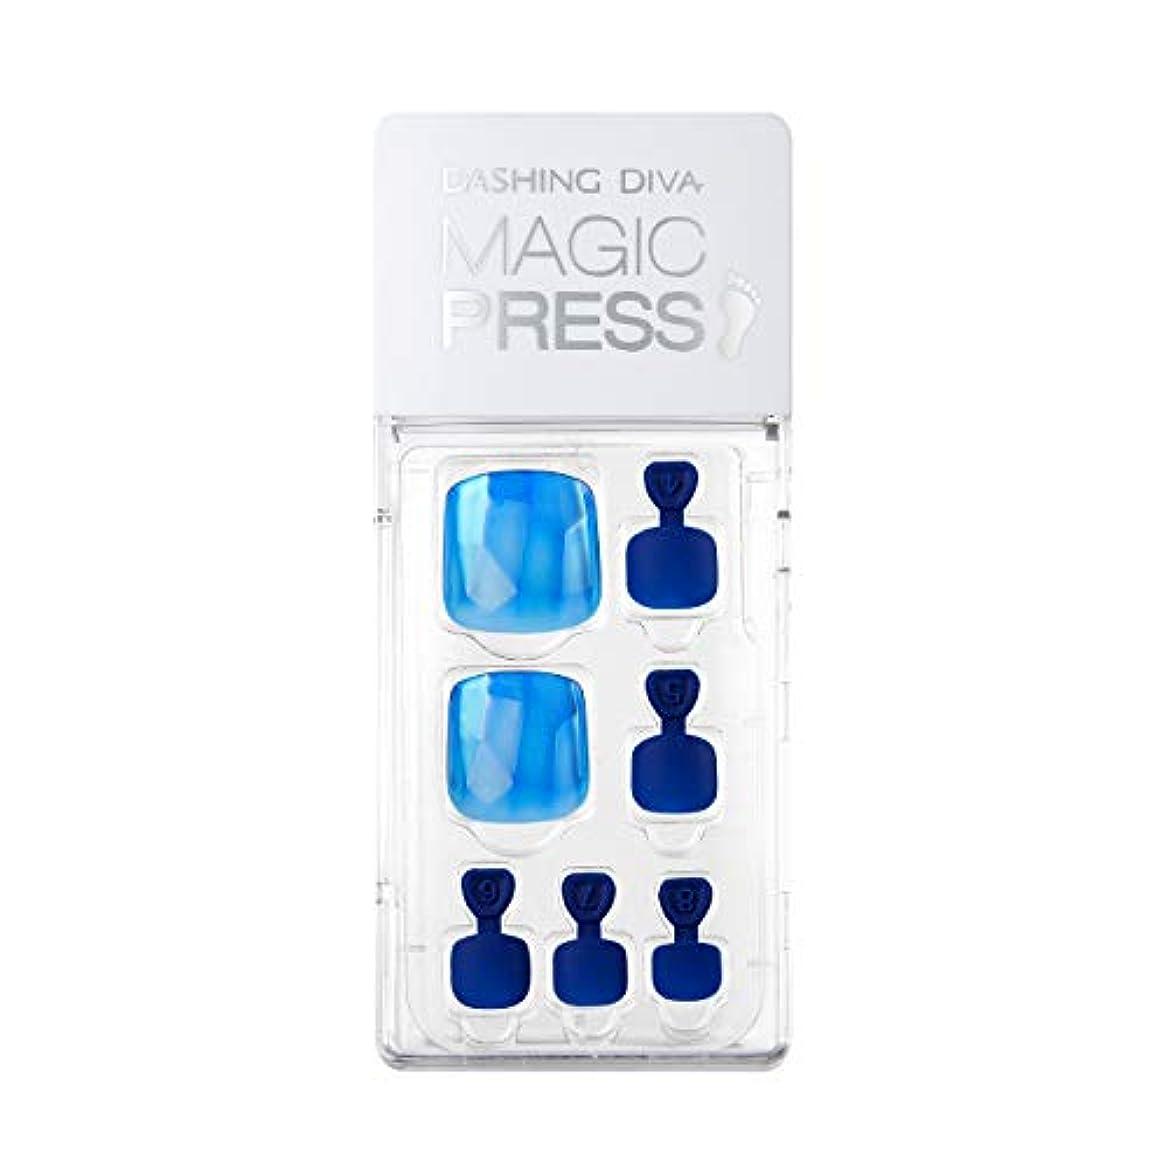 大邸宅地中海スポーツをするダッシングディバ マジックプレス DASHING DIVA MagicPress MDR_362P-DURY+ オリジナルジェル ネイルチップ Blue Gem